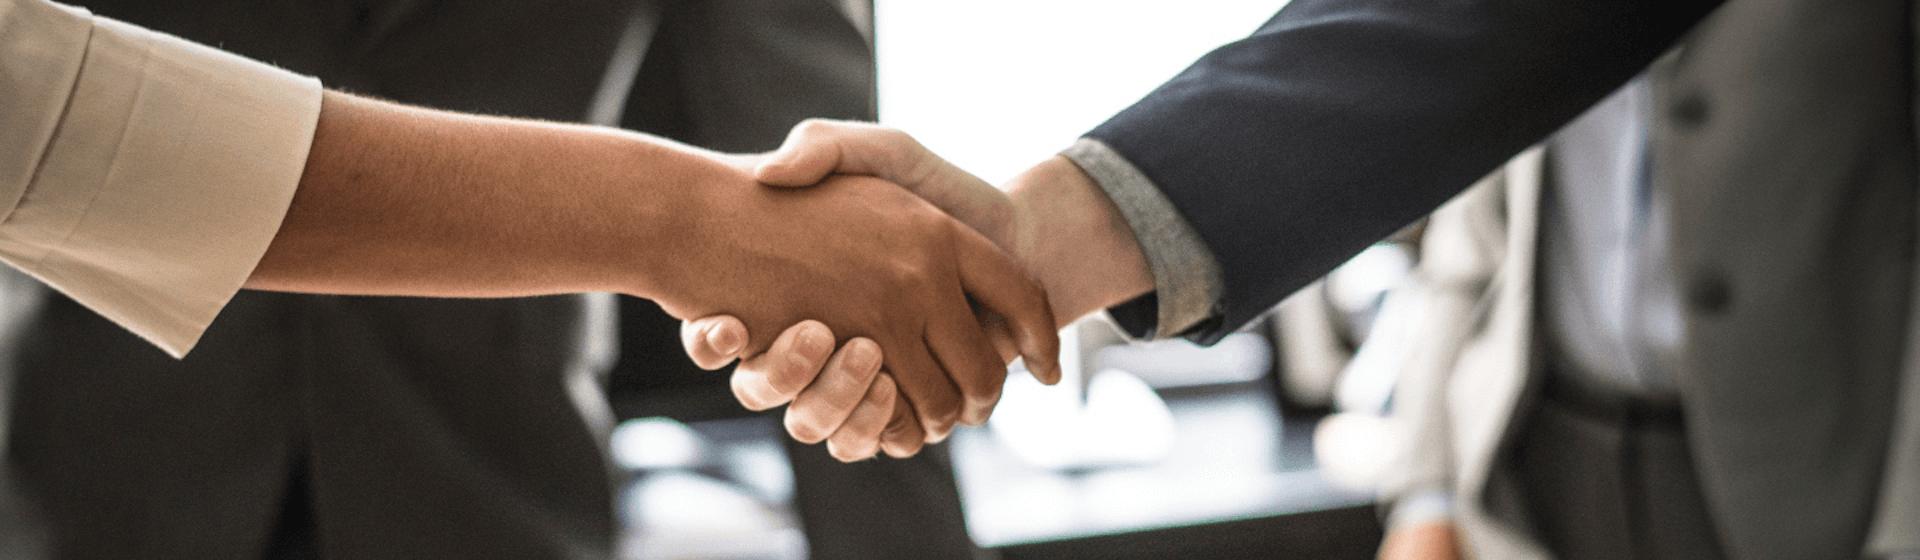 Negociación ganar ganar: la clave para un acuerdo confiable y fructífero